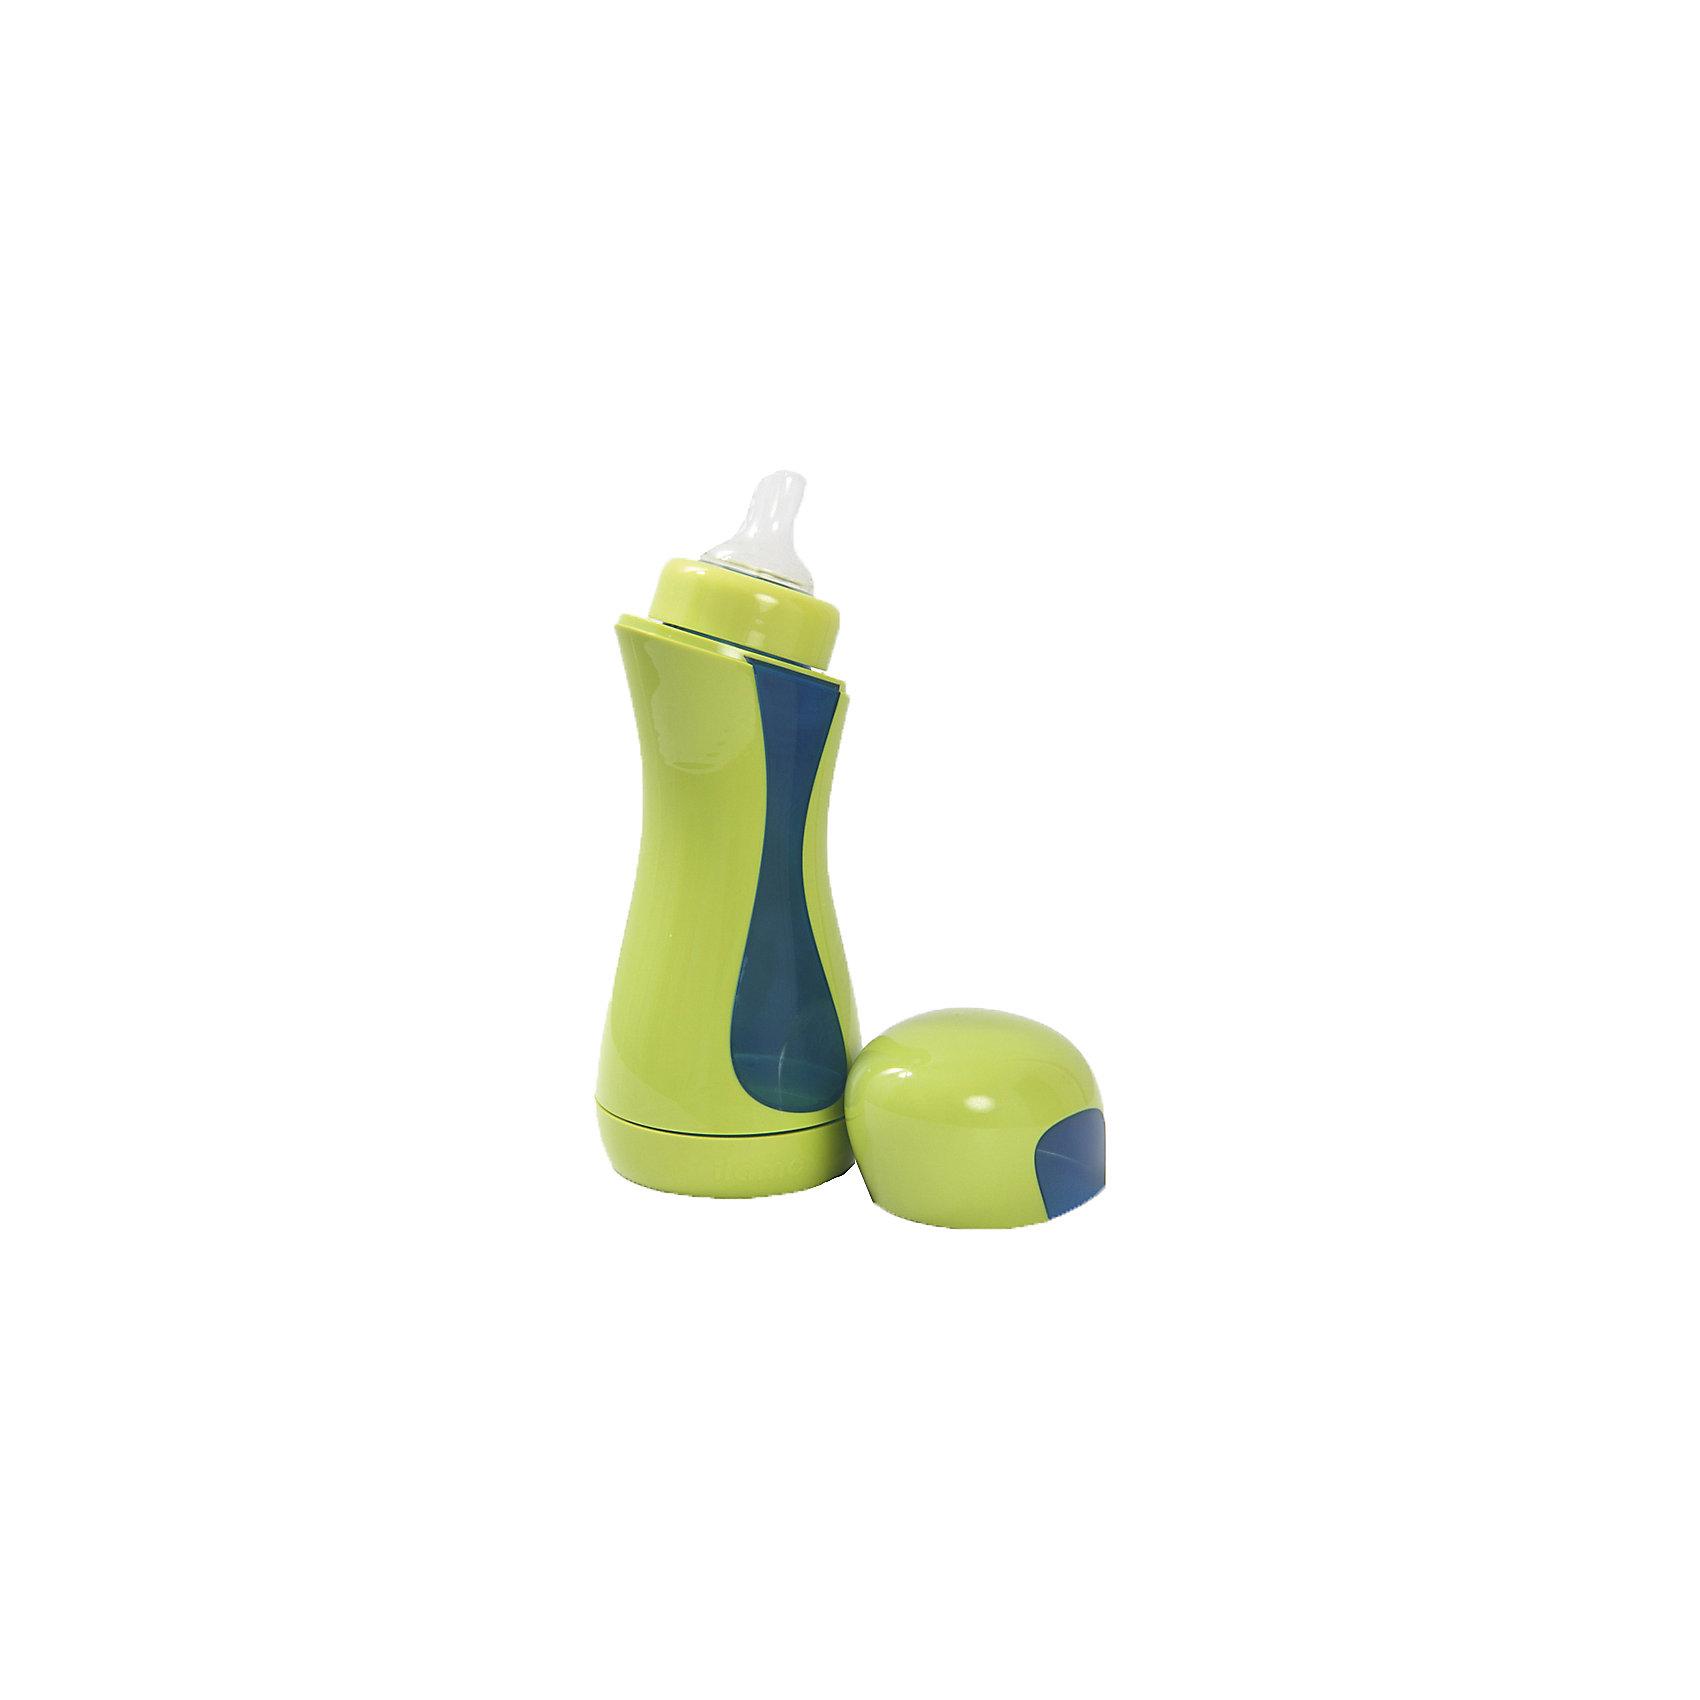 Бутылочка Home, Iiamo, зеленый/синийБутылочка Home, Iiamo (Ииамо), зеленый/синий<br><br>Характеристики:<br><br>• легко разбирается с двух сторон<br>• можно кипятить, мыть в посудомоечной машине и разогревать в микроволновой печи<br>• система вентиляции анти-колик<br>• удобная форма и стильный дизайн<br>• не содержит бисфенол А, фталаты и прочие вредные вещества<br>• объем: 380 мл<br>• материал бутылочки: полипропилен<br>• материал соски: силикон<br>• вес: 180 грамм<br>• цвет: зеленый/синий<br><br>Бутылочка IIAMO HOME позаботится о комфорте малыша с самого младенчества. Она имеет особую систему вентиляции, которая регулирует количество воздуха и препятствует появлению коликов у детей. Конструкция бутылочки позволяет разбирать ее с двух сторон, поэтому вы без труда сможете убрать все остатки молока или смеси. Кроме того, IIAMO HOME можно кипятить, греть в СВЧ-печи и мыть в посудомоечной машине. Бутылочка изготовлена без применения бисфенола А, фталатов, парабенов и других вредных веществ, что делает ее полностью безопасной для здоровья крохи. Бутылочка имеет стильный дизайн, который, к тому же, позволяет удобно расположить ее в руке. Позаботьтесь о питании крохи с бутылочкой IIAMO HOME!<br><br>Бутылочку Home, Iiamo (Ииамо), зеленый/синий вы можете купить в нашем интернет-магазине.<br><br>Ширина мм: 77<br>Глубина мм: 77<br>Высота мм: 212<br>Вес г: 150<br>Возраст от месяцев: 6<br>Возраст до месяцев: 36<br>Пол: Мужской<br>Возраст: Детский<br>SKU: 5007198